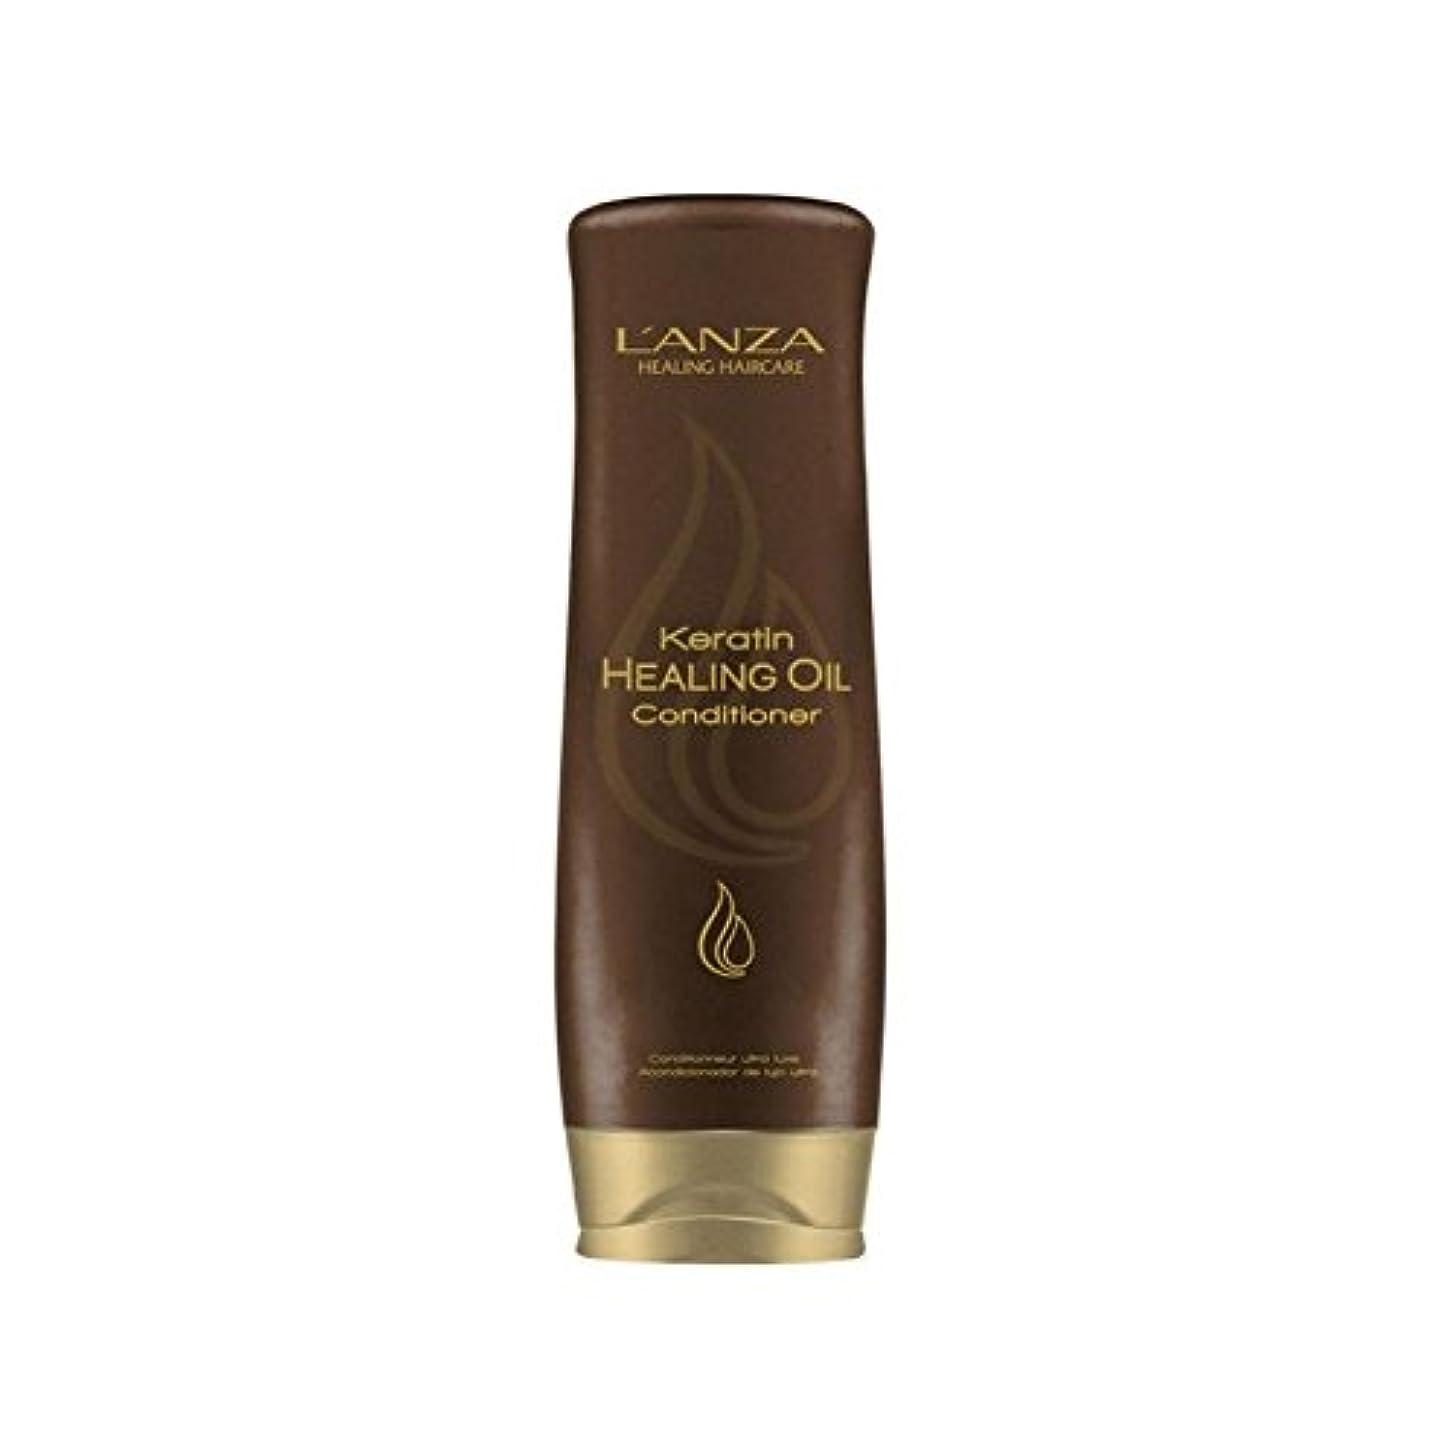 どれか締めるスキルアンザケラチンオイルコンディショナー(250ミリリットル)を癒し x2 - L'Anza Keratin Healing Oil Conditioner (250ml) (Pack of 2) [並行輸入品]